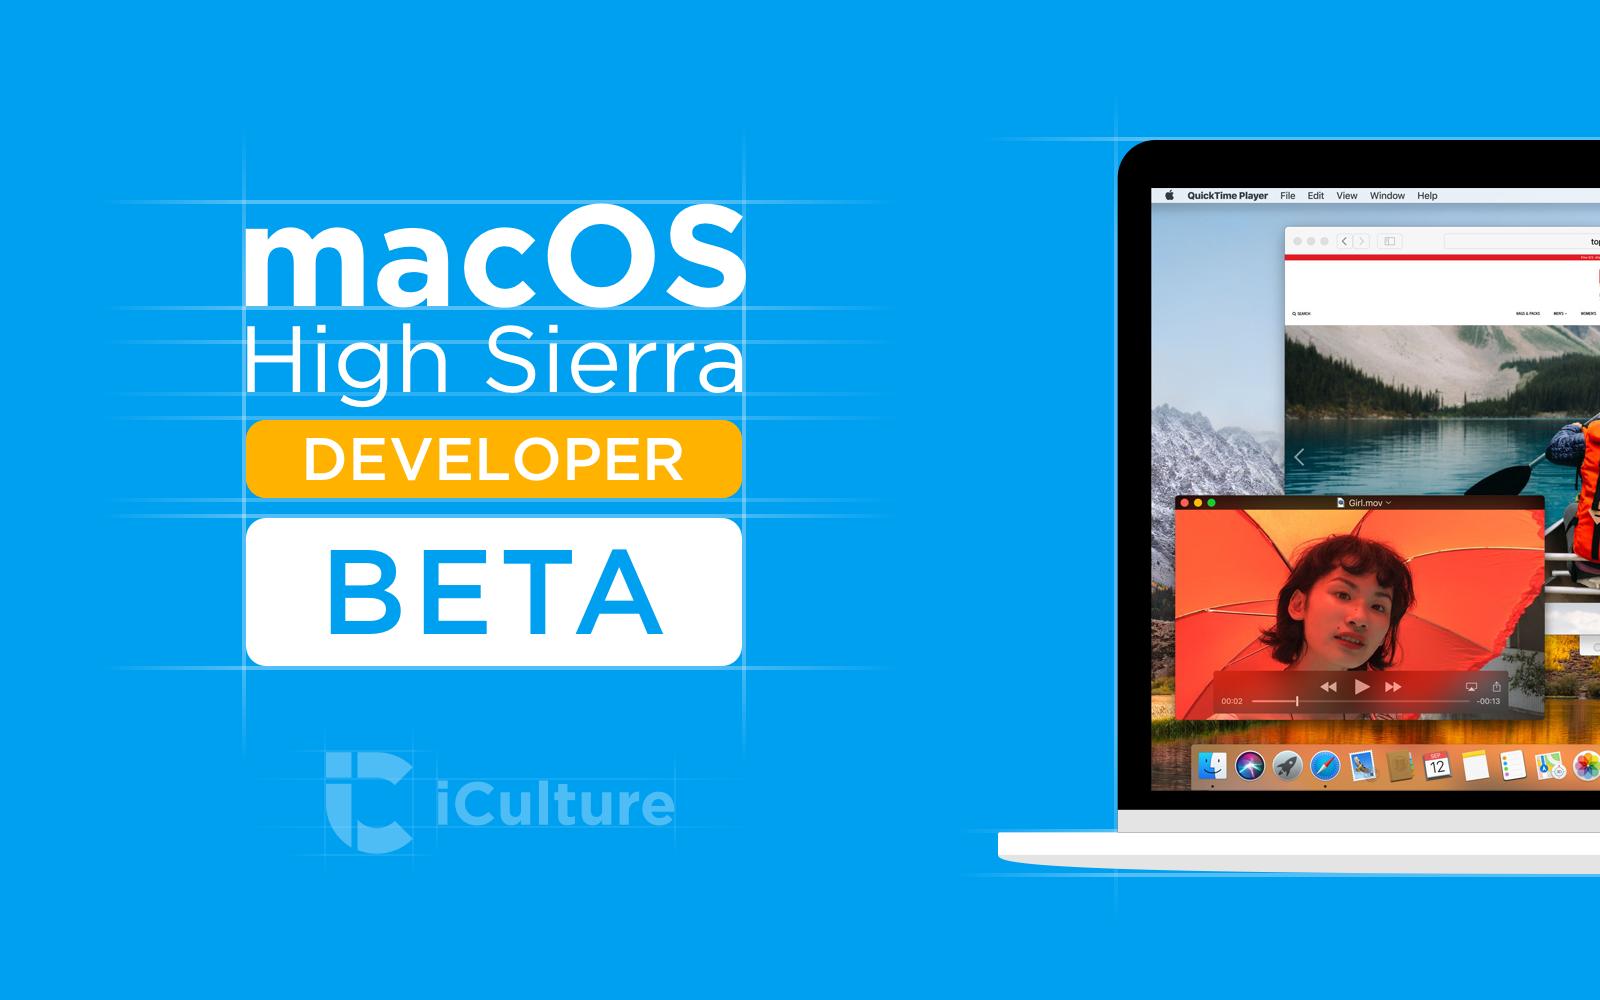 macOS High Sierra beta voor ontwikkelaars.